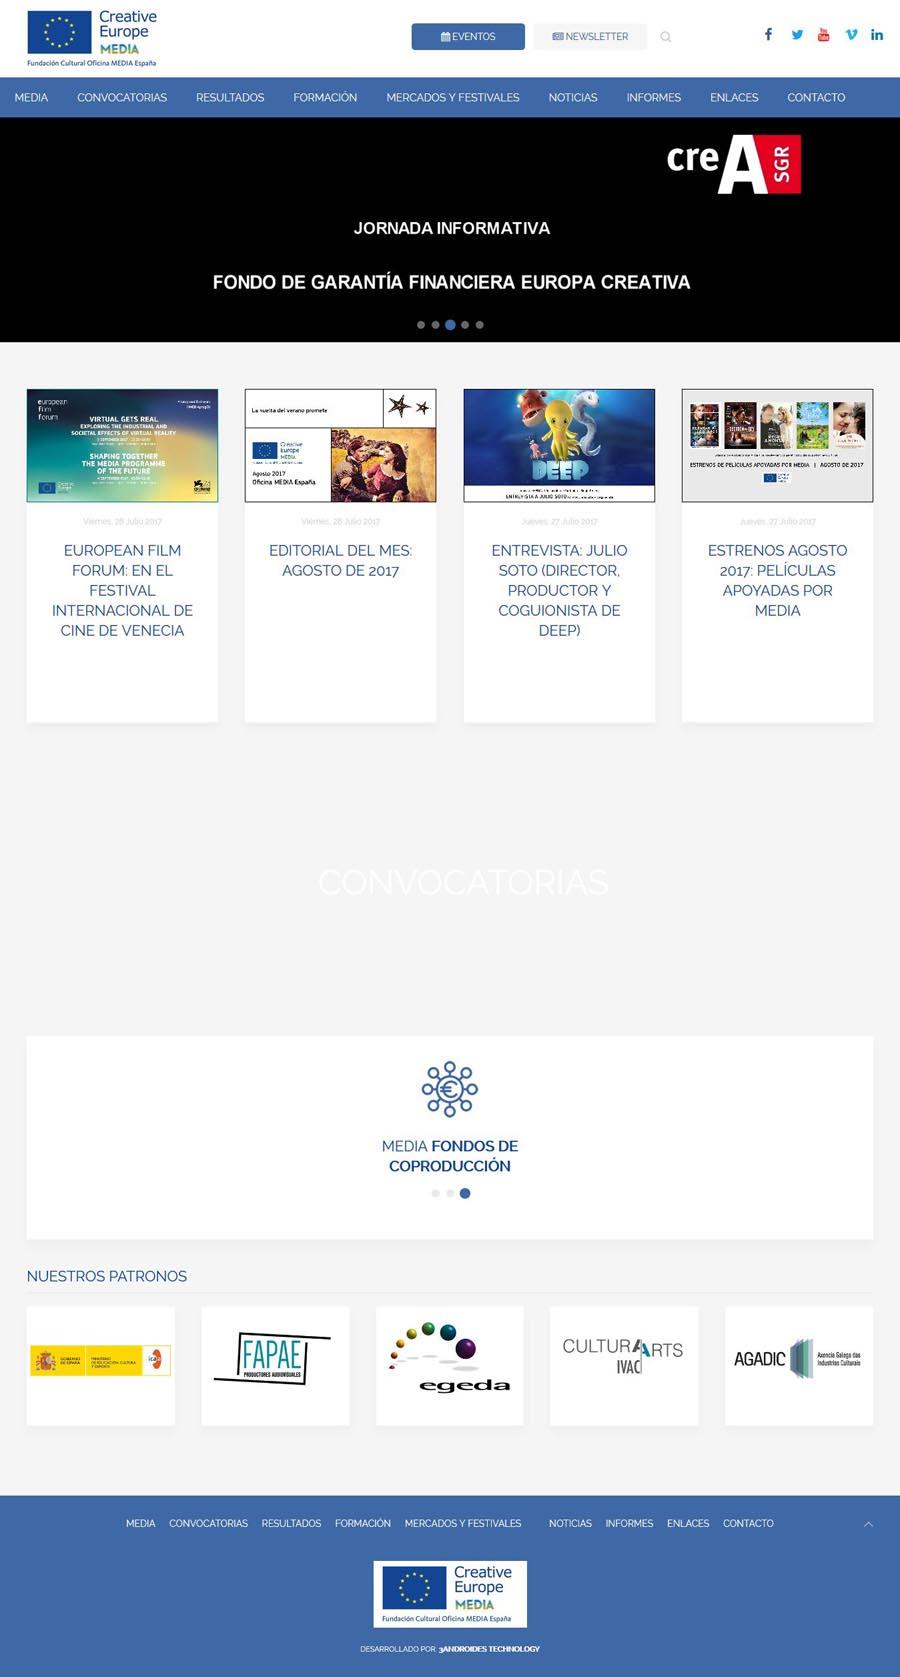 oficina-media-espana-